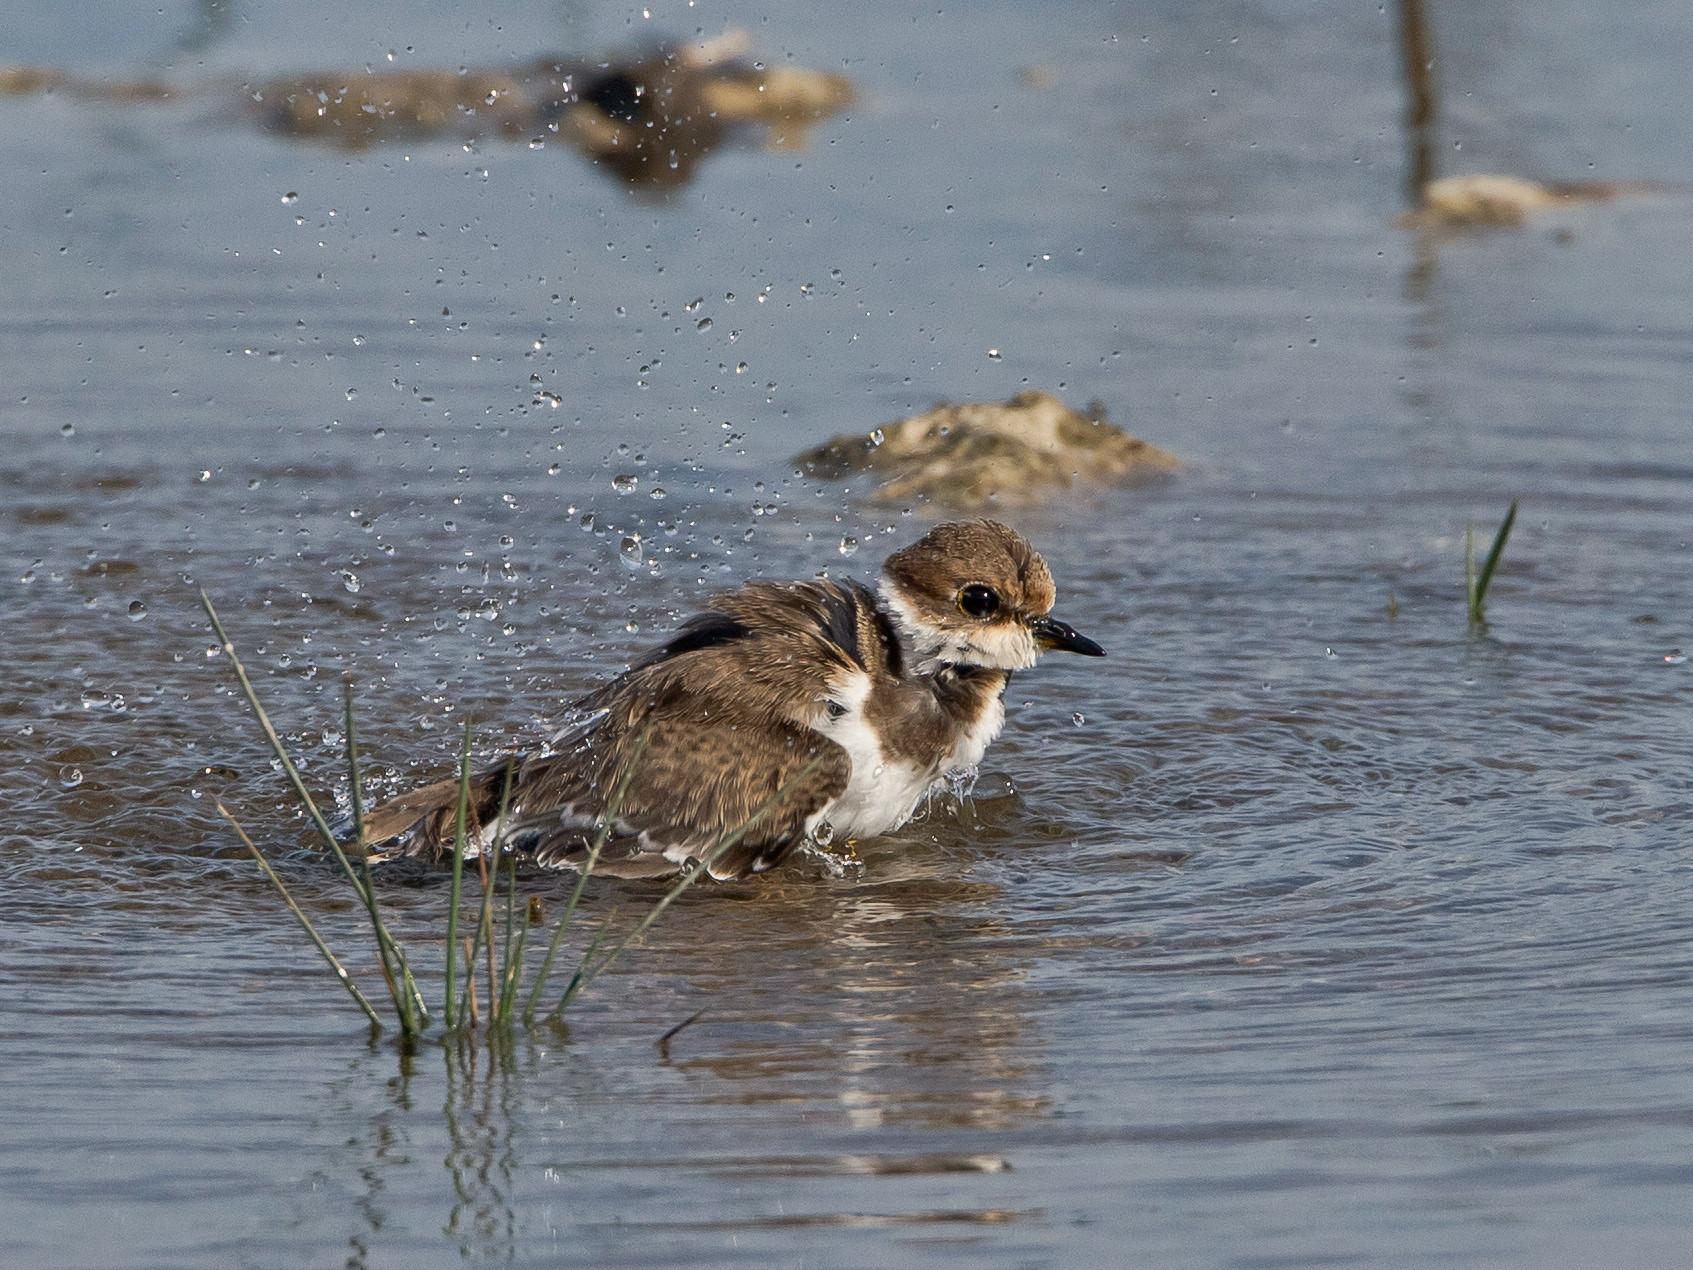 Ein Seeregenpfeifer nimmt ein kühlendes Bad...